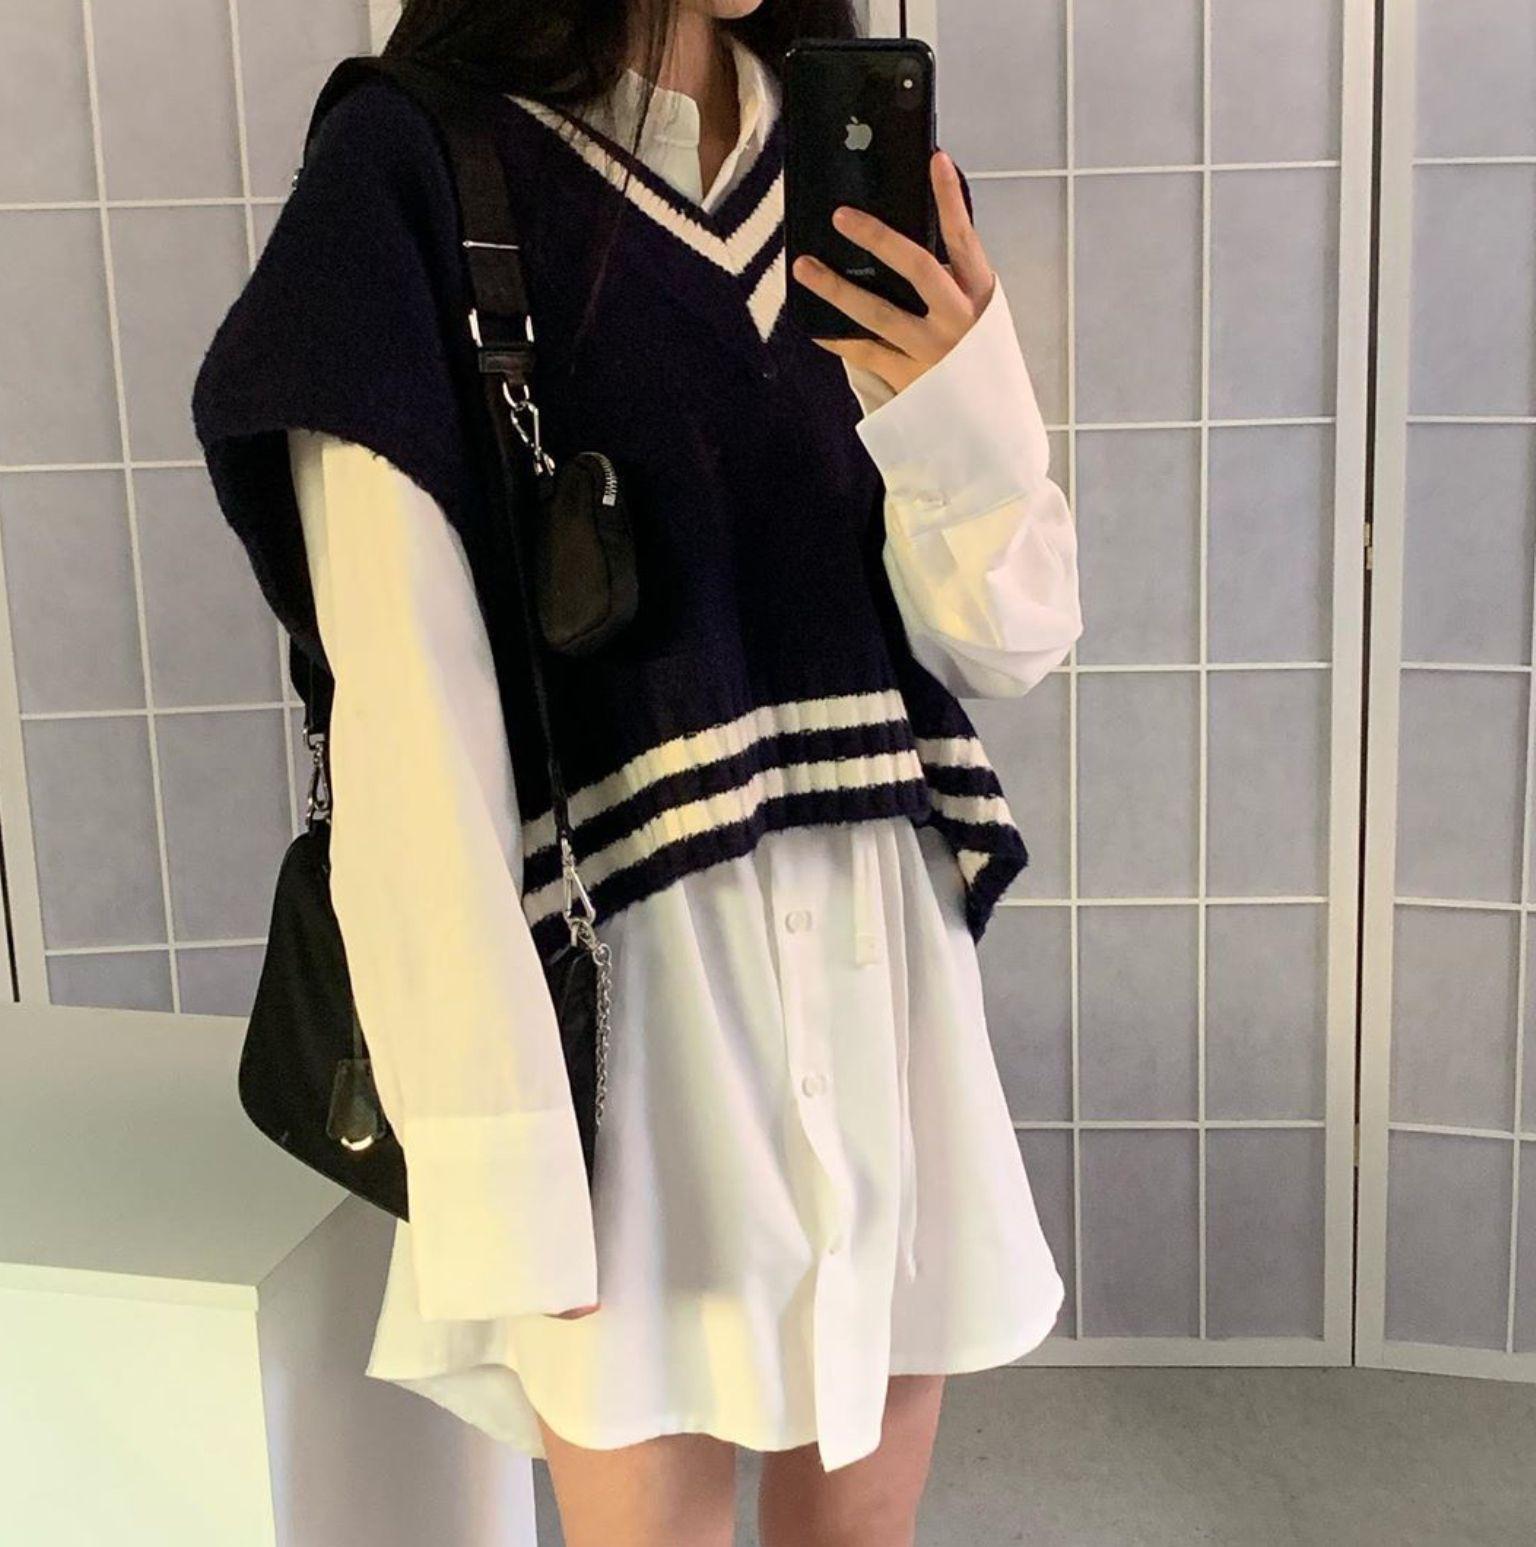 R O S I E In 2020 Korean Outfit Street Styles Korean Street Fashion Korean Girl Fashion